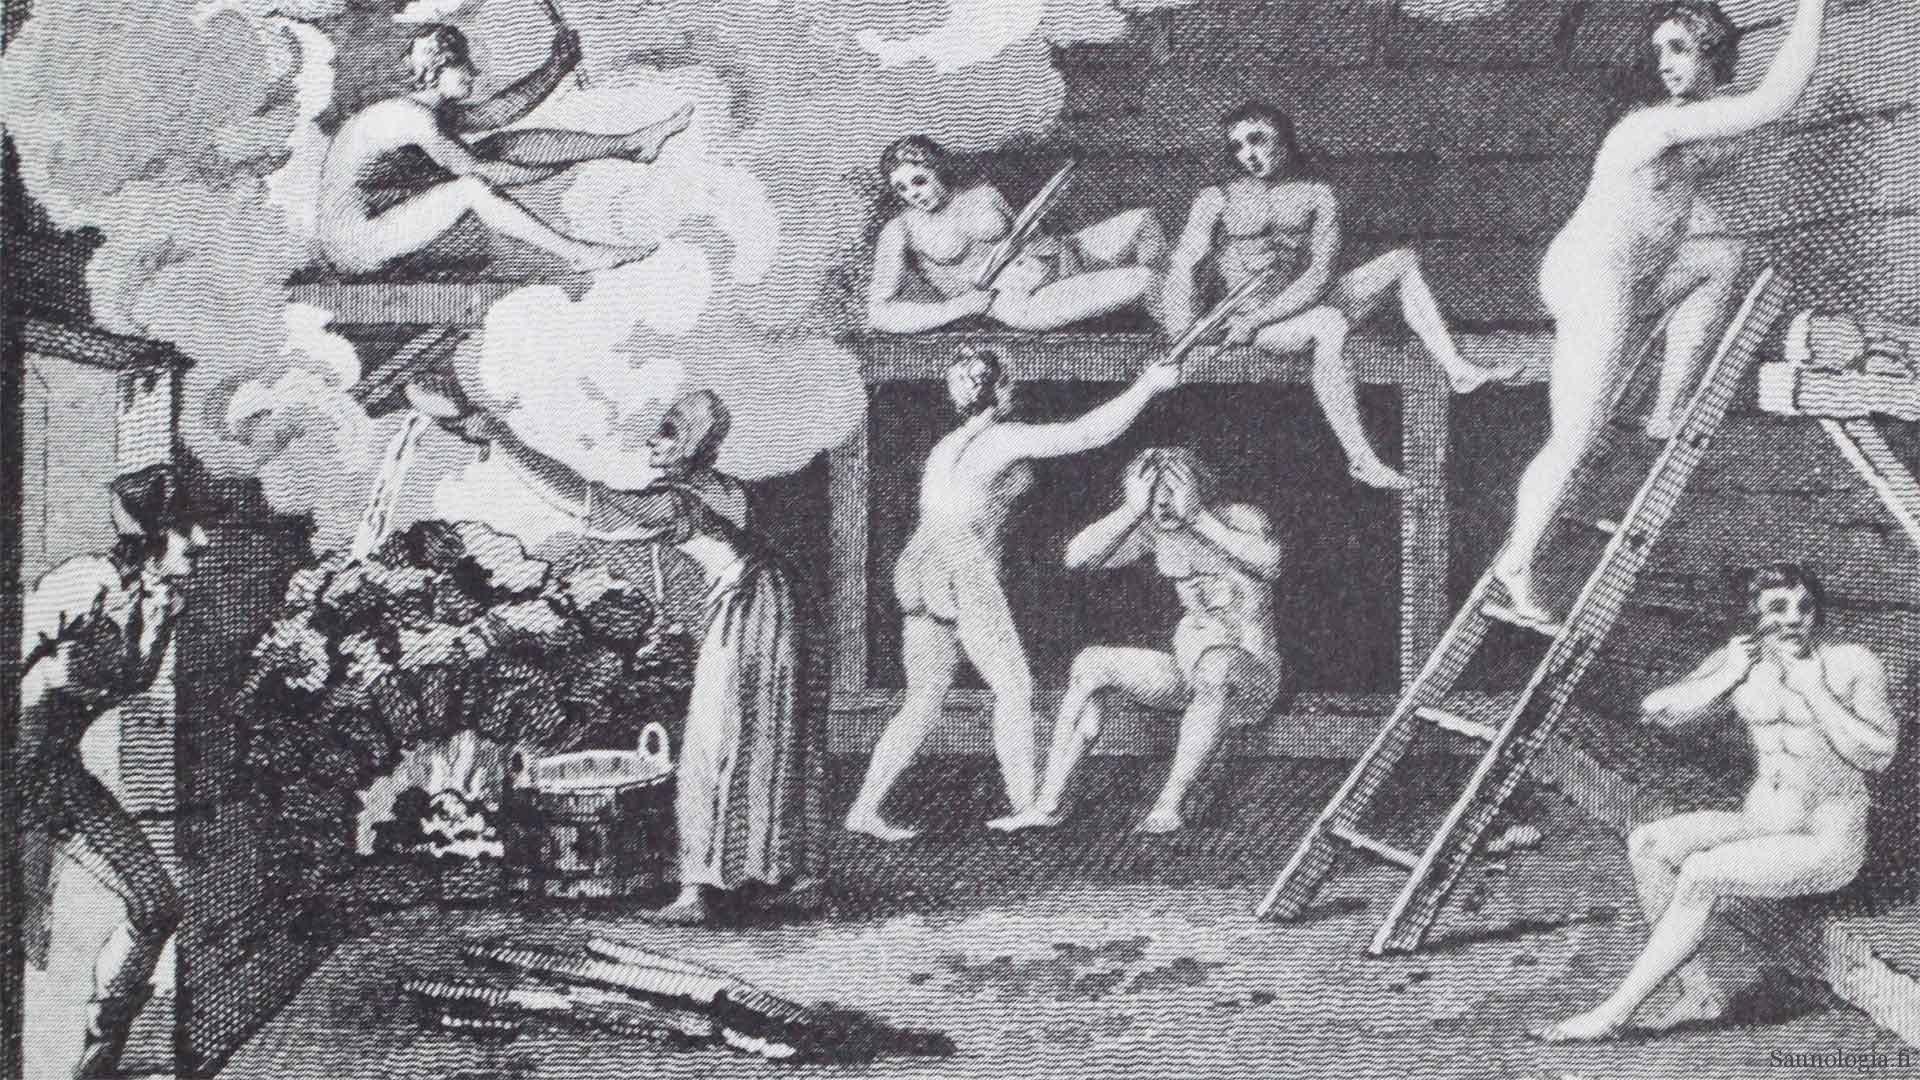 Acerbi 1799 - suomalainen sauna